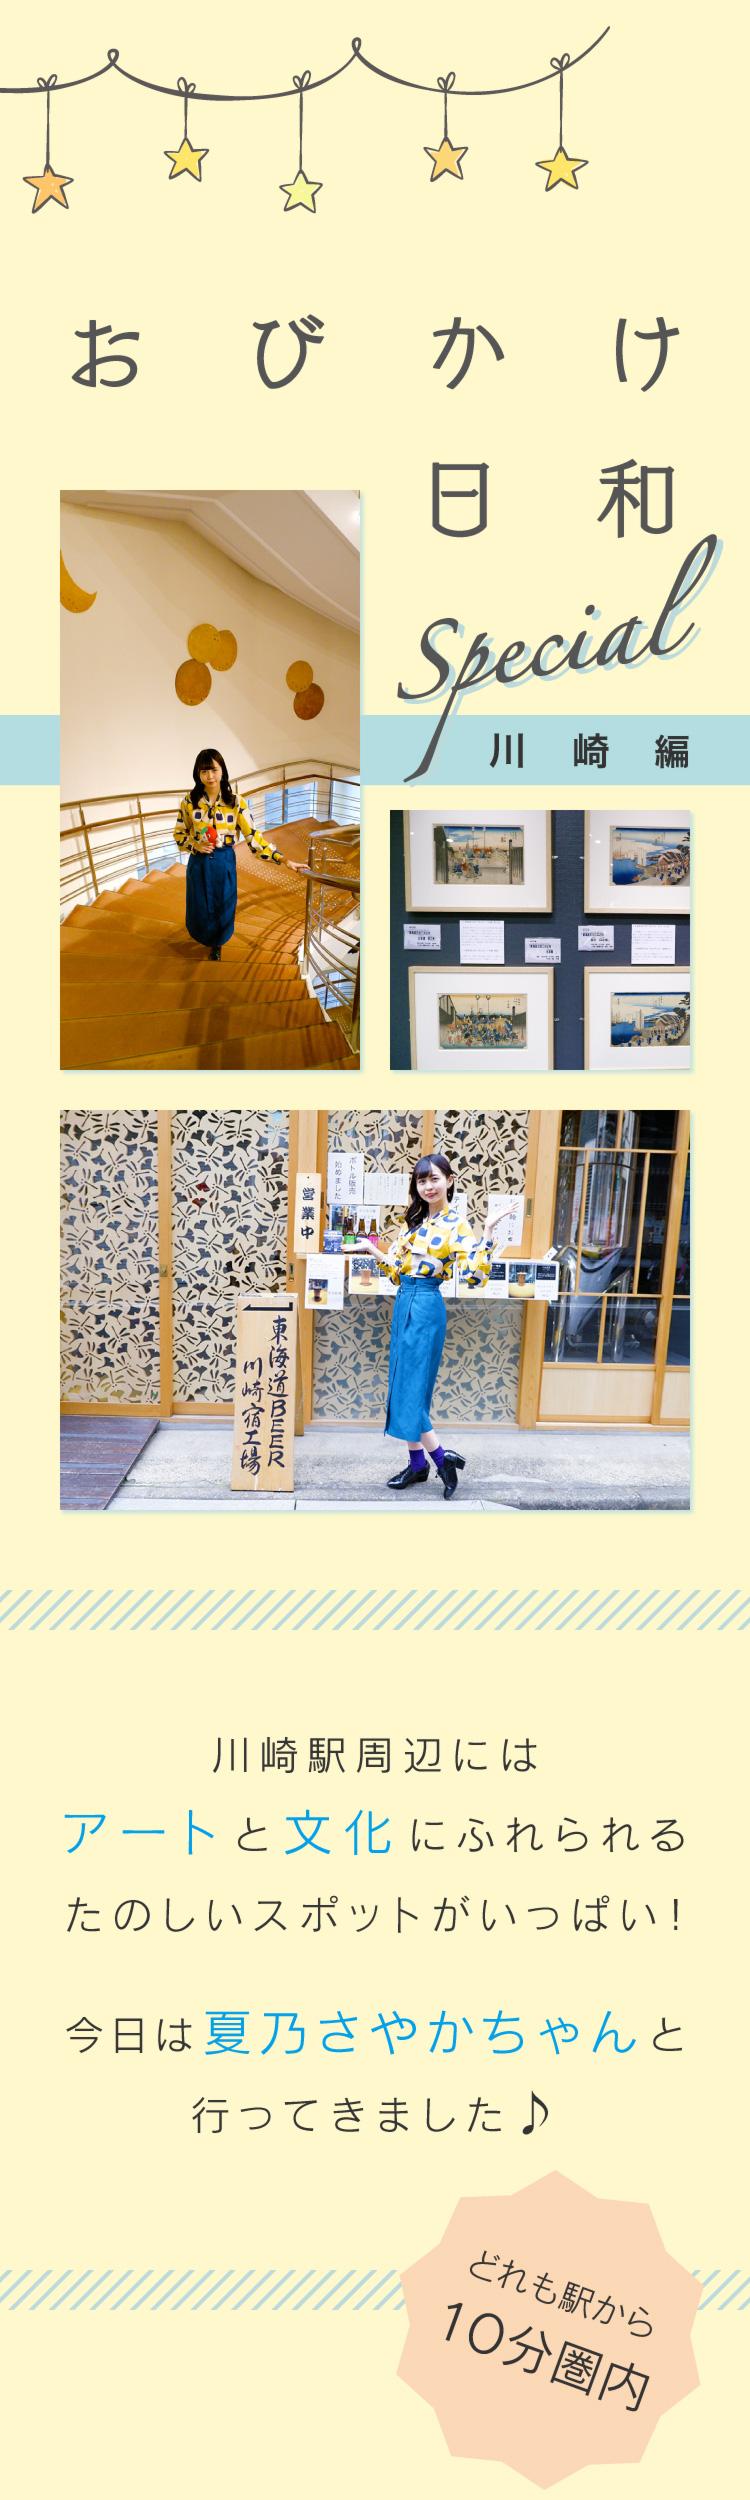 川崎駅周辺にはアートと文化にふれられるたのしいスポットがいっぱい!夏乃さやかちゃんと行ってきました!どれも駅から10分圏内♪